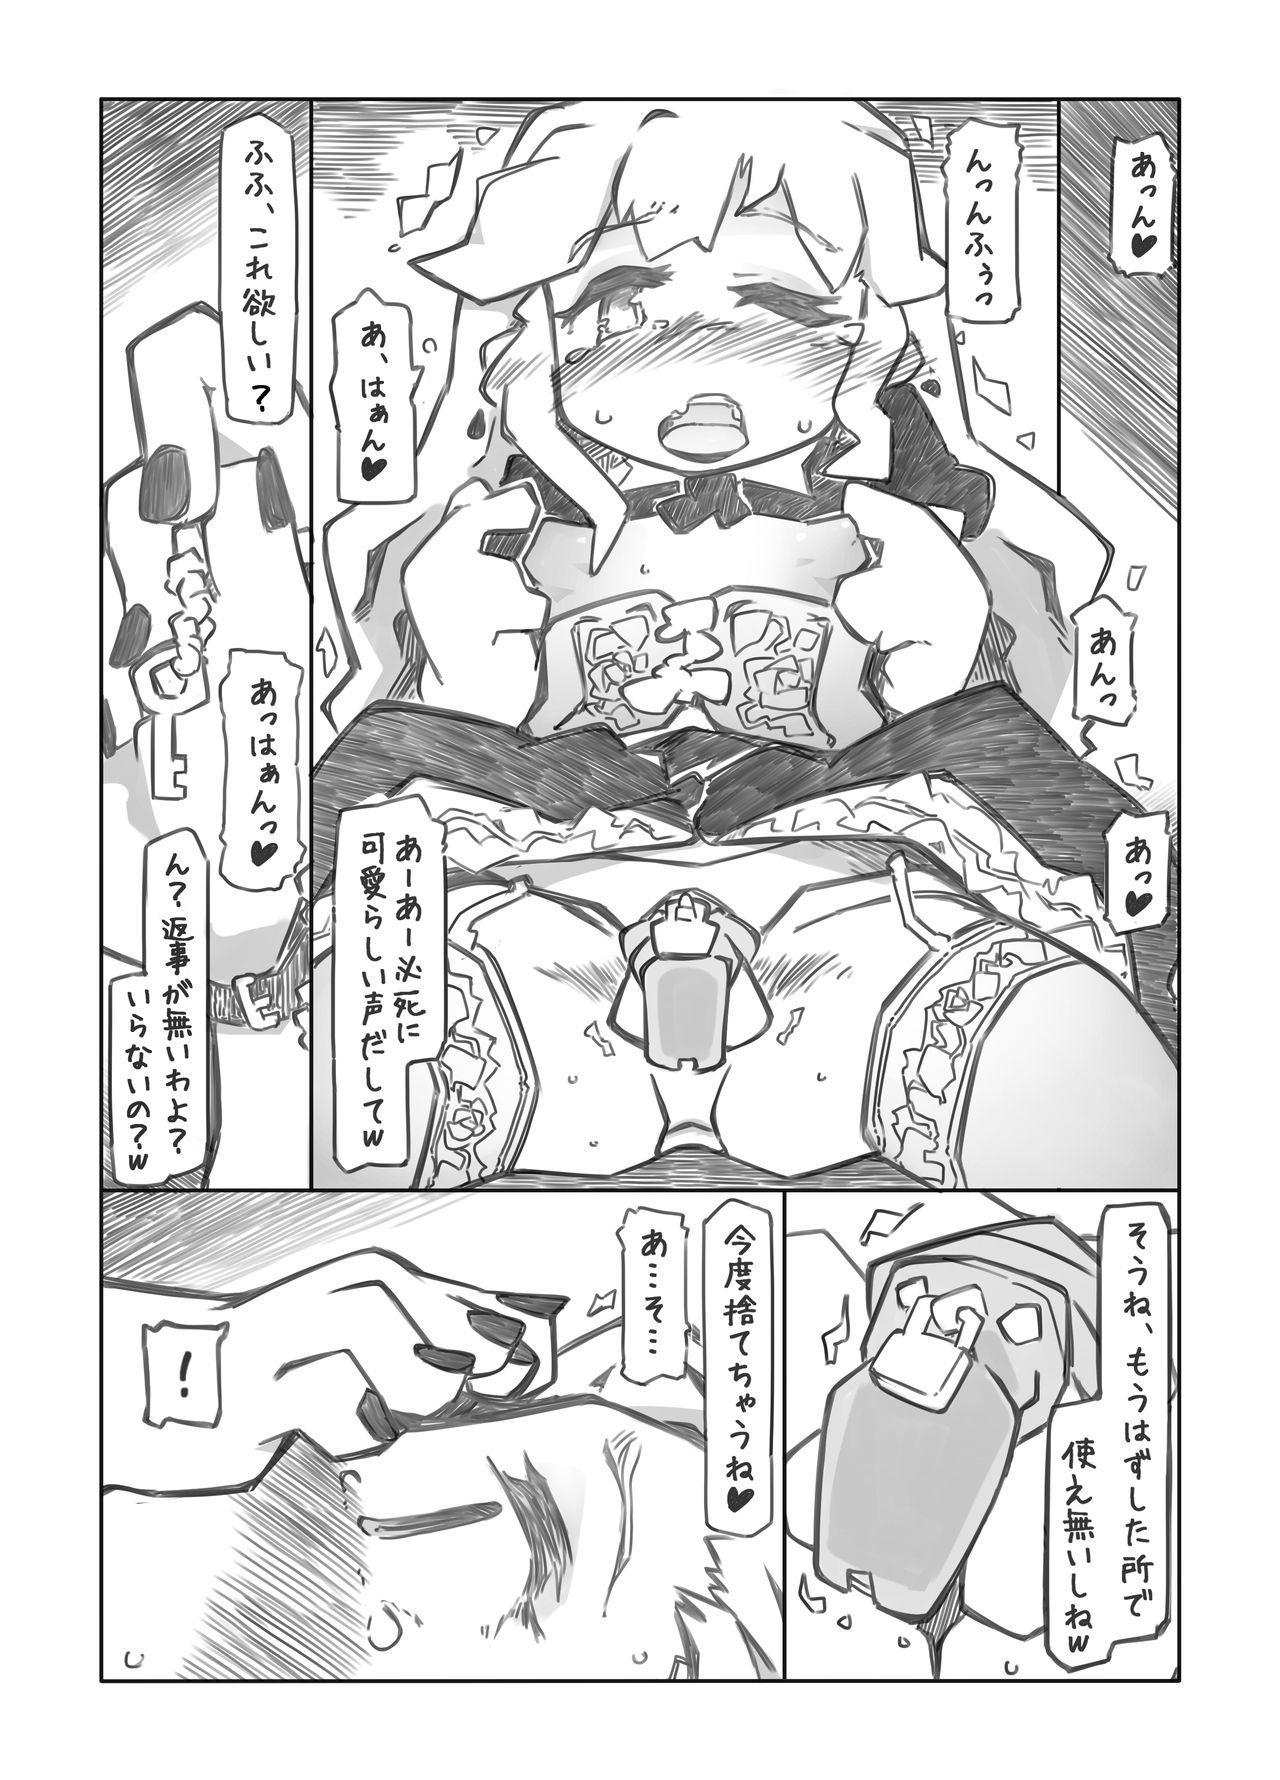 Juuzoku no Yorokobi 6